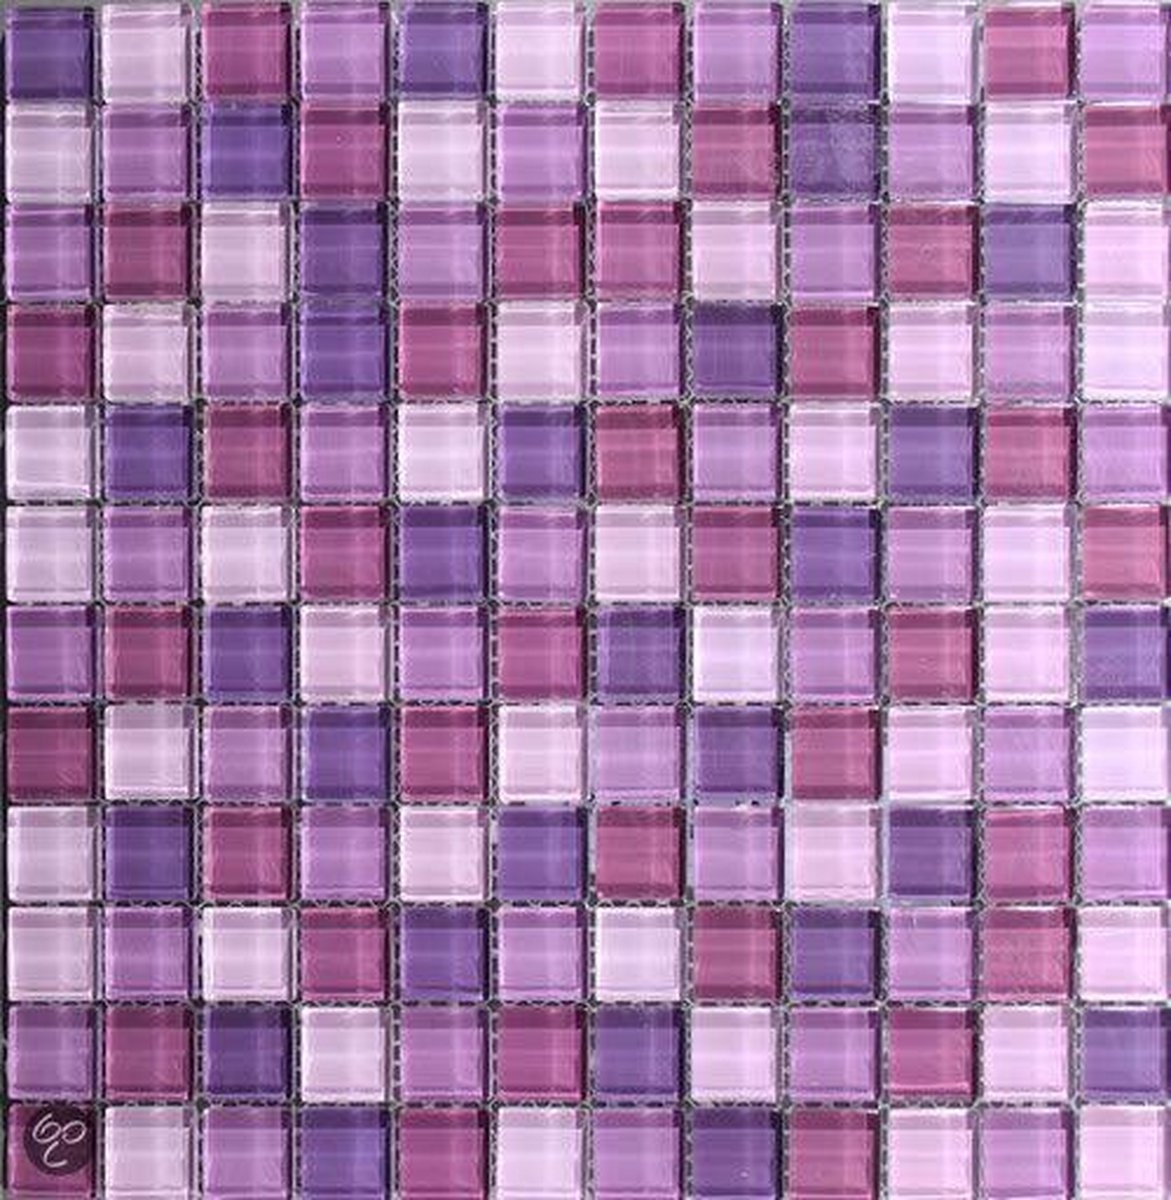 Venus Mozaiek Glas mix paars 2,3x2,3x0,8 cm -  Mix, Paars Prijs per 1 matje. - Merkloos